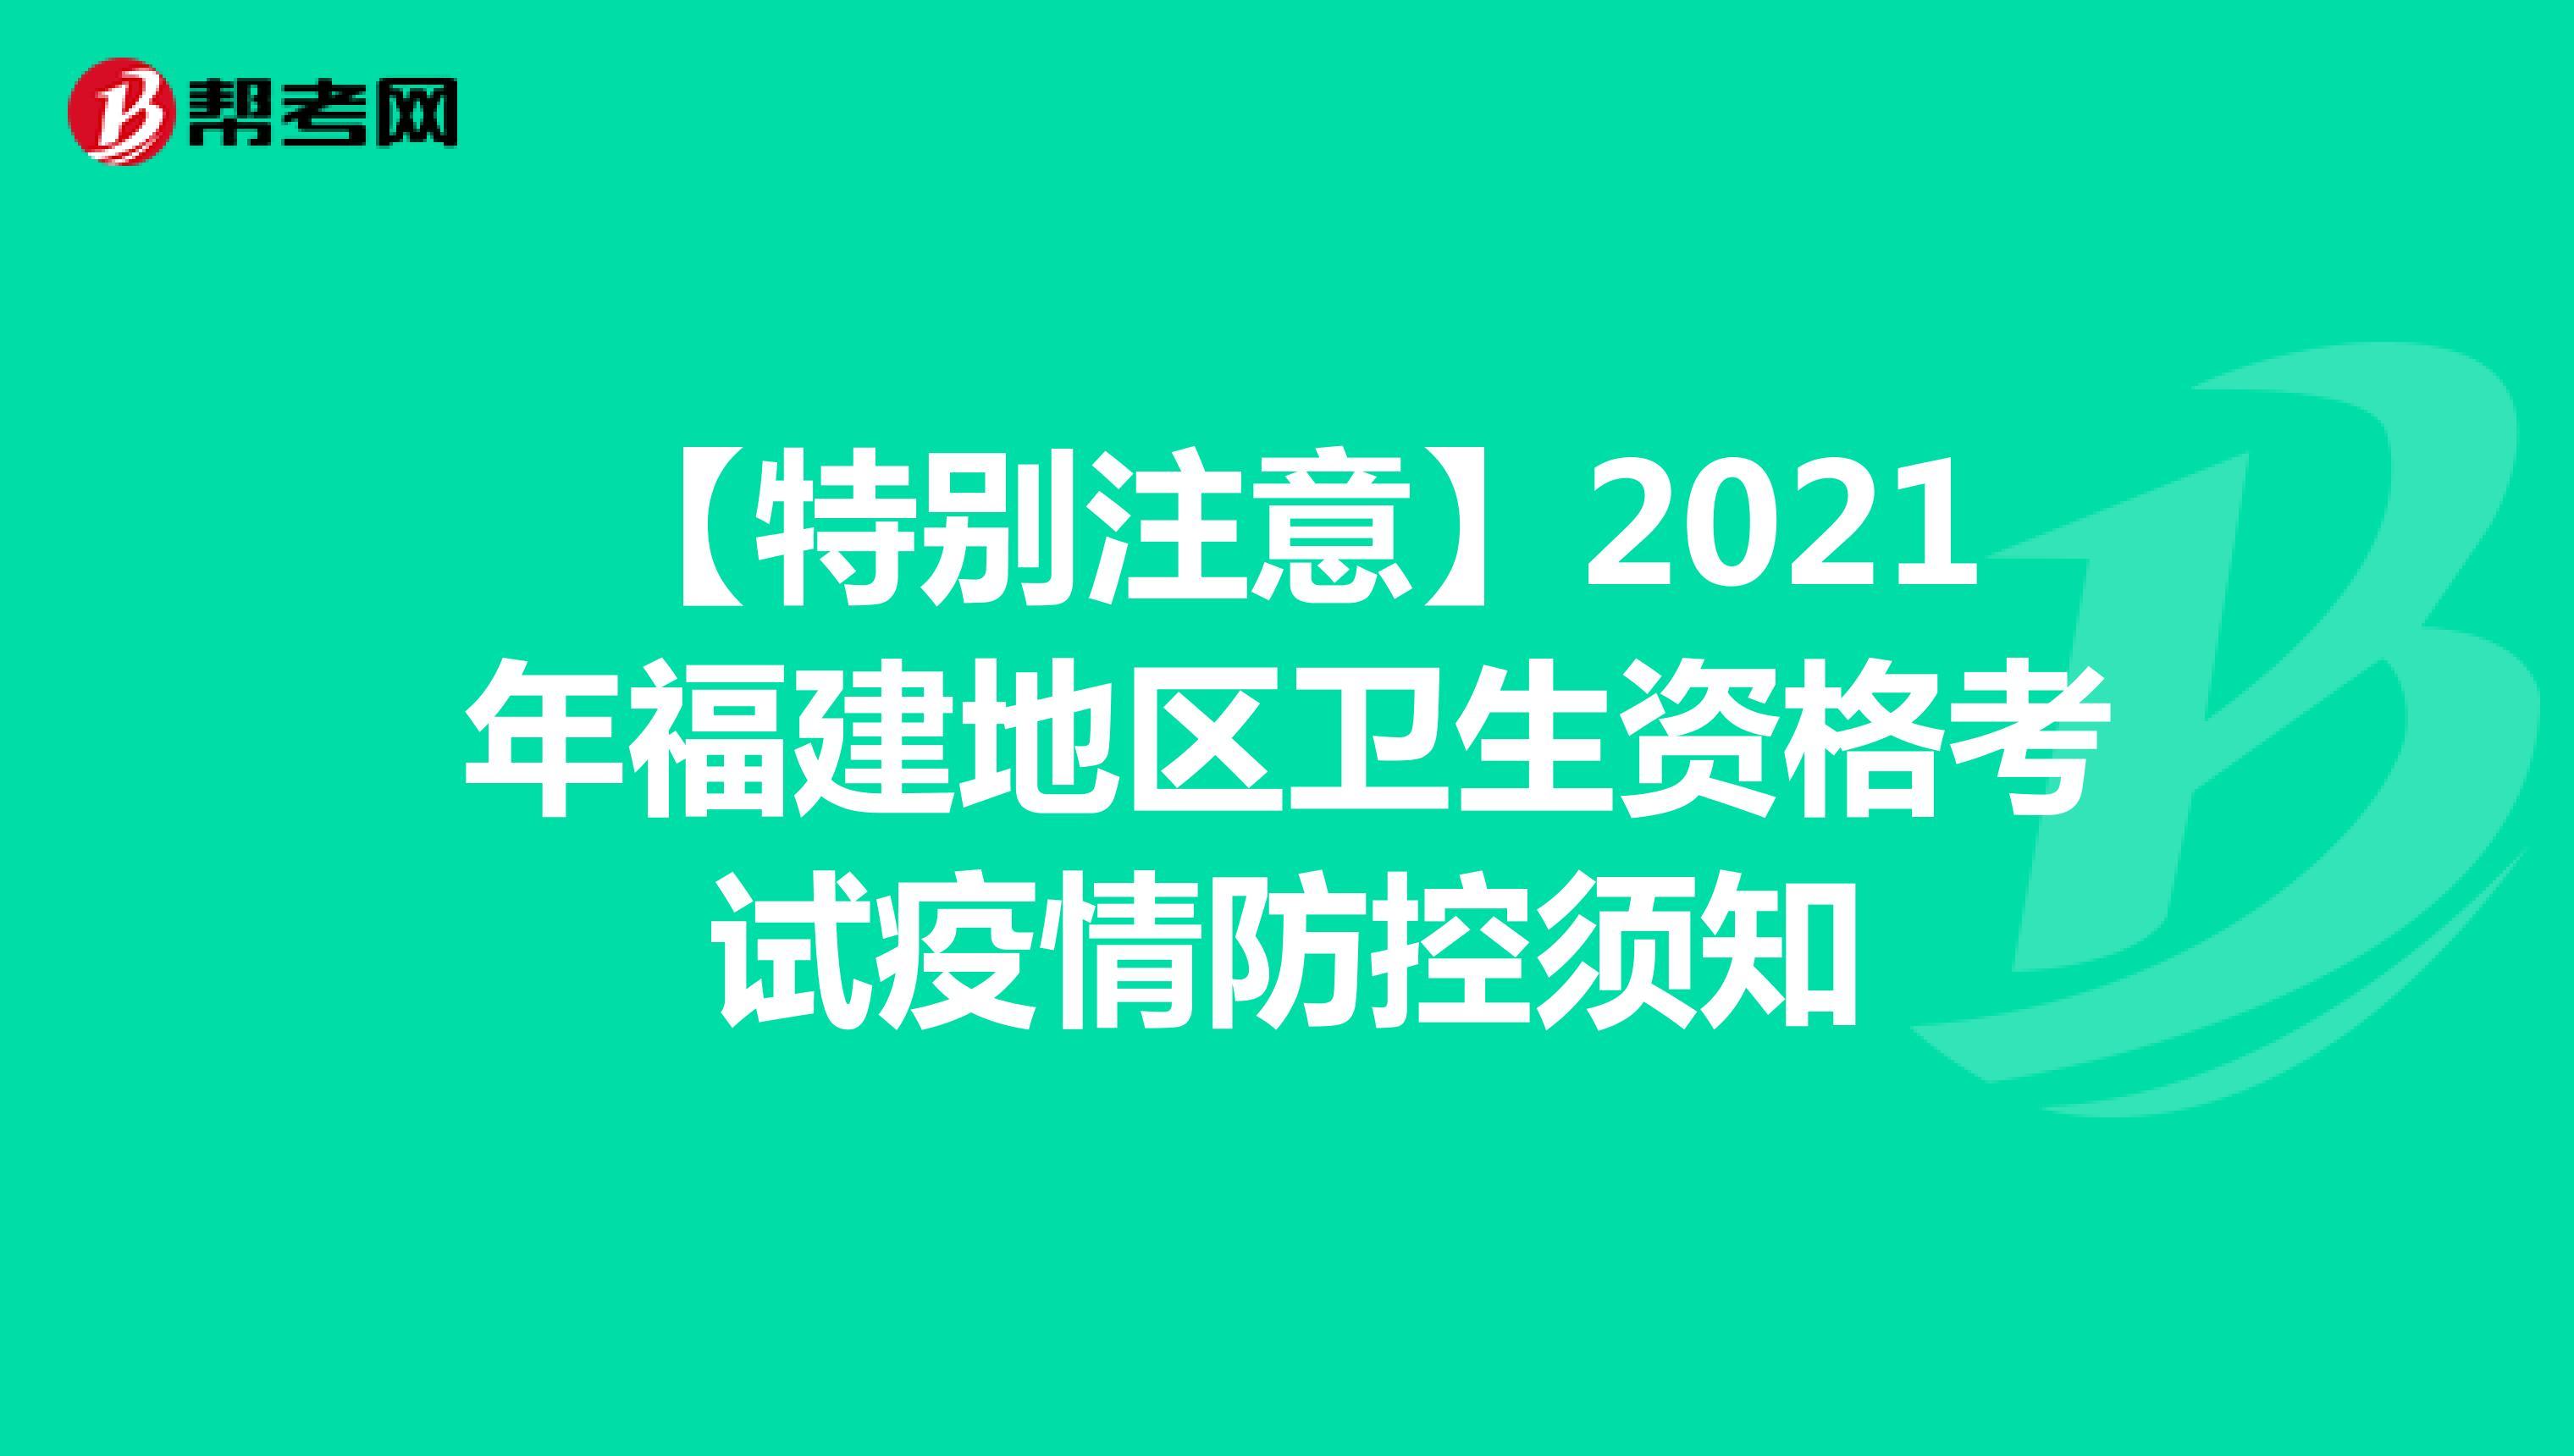 【特别注意】2021年福建地区卫生资格考试疫情防控须知